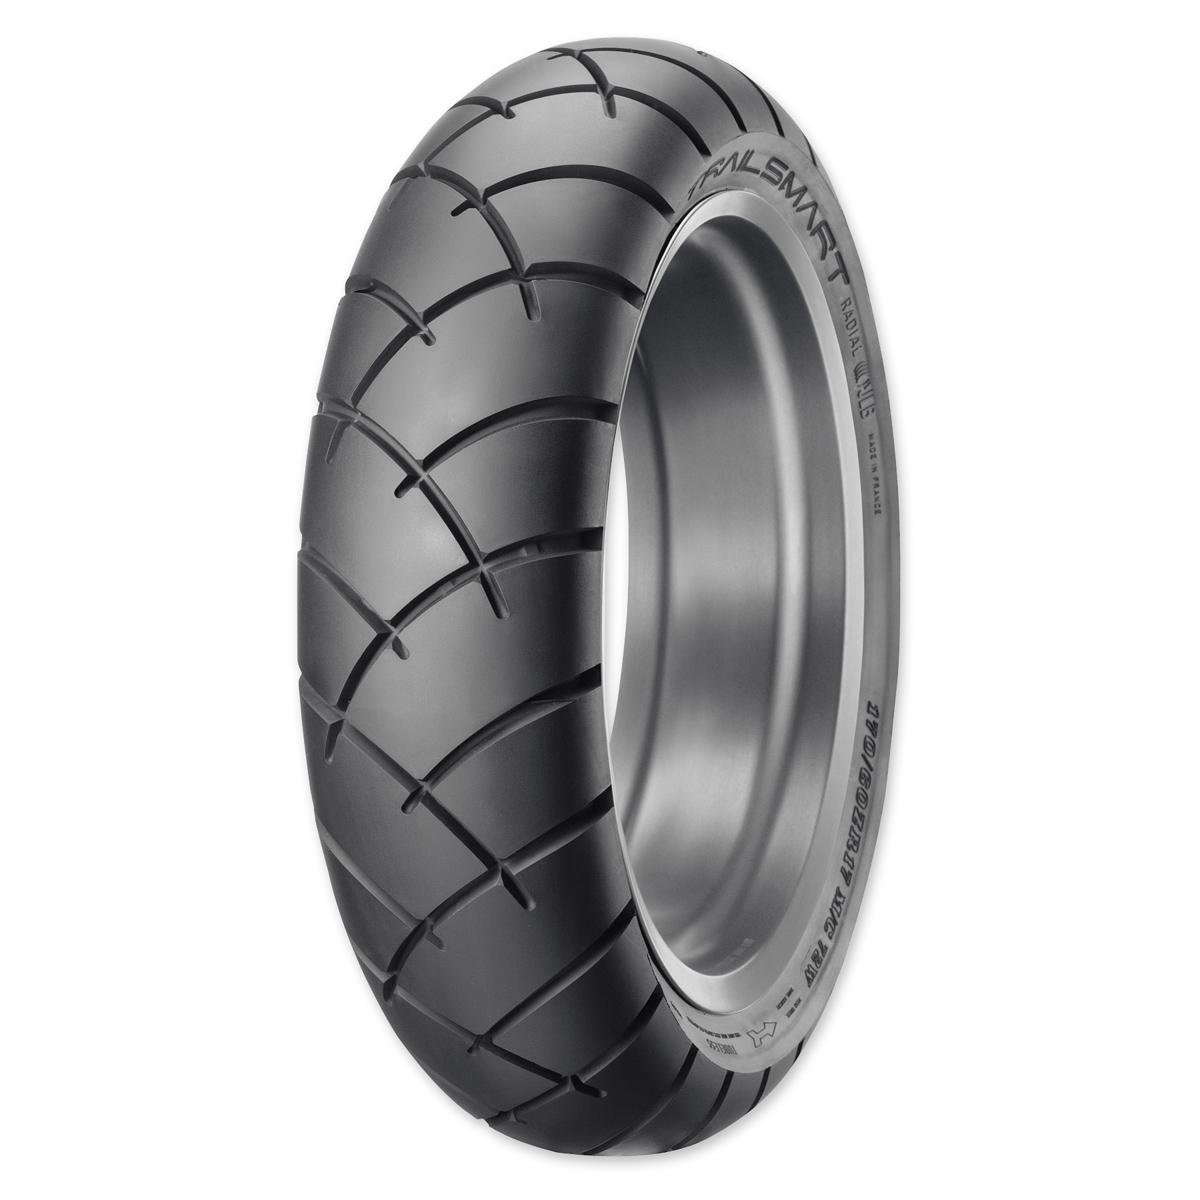 Dunlop TrailSmart 150/70R18 Rear Tire